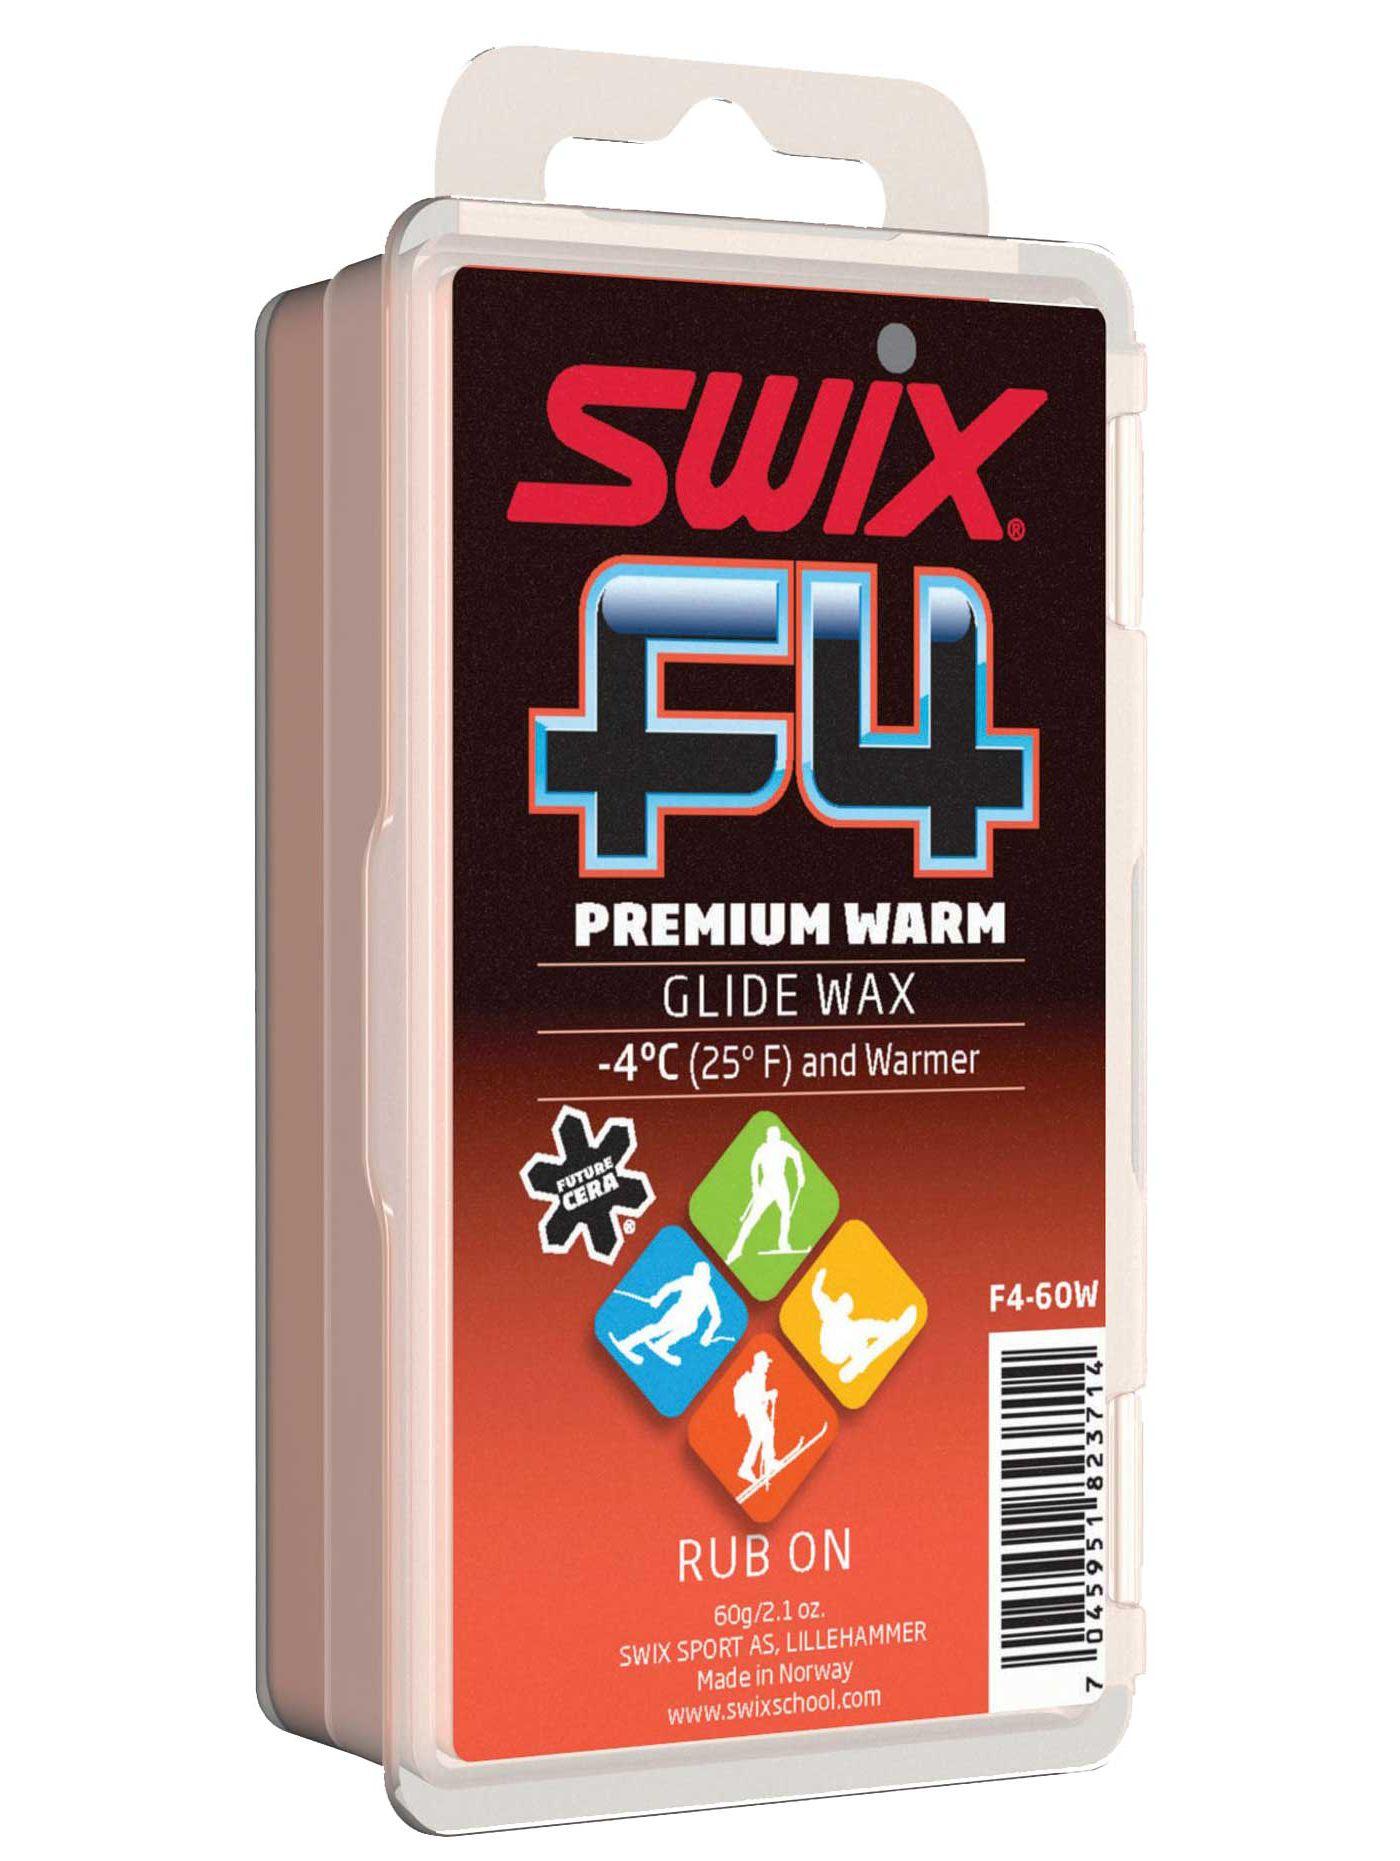 Swix F4 Premium Warm Universal Glide Wax Kit